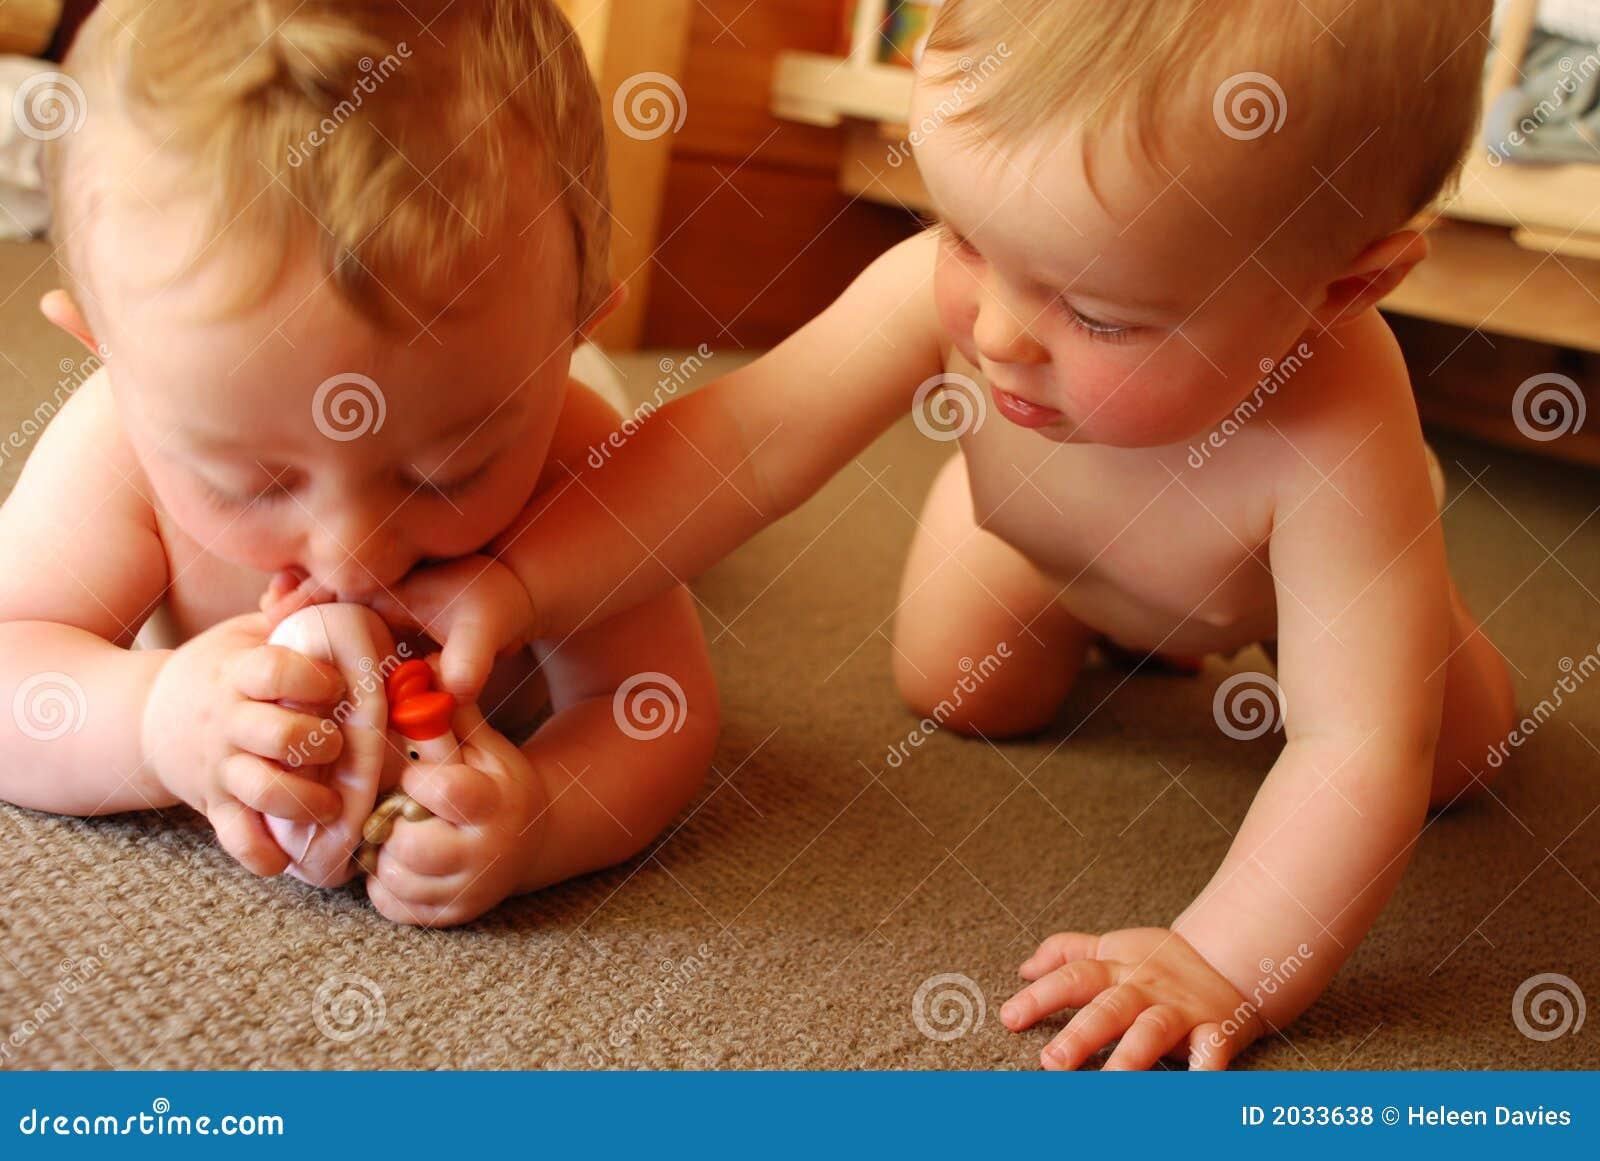 De Tweelingen Die Van De Baby Met Stuk Speelgoed Spelen Royalty-vrije ...